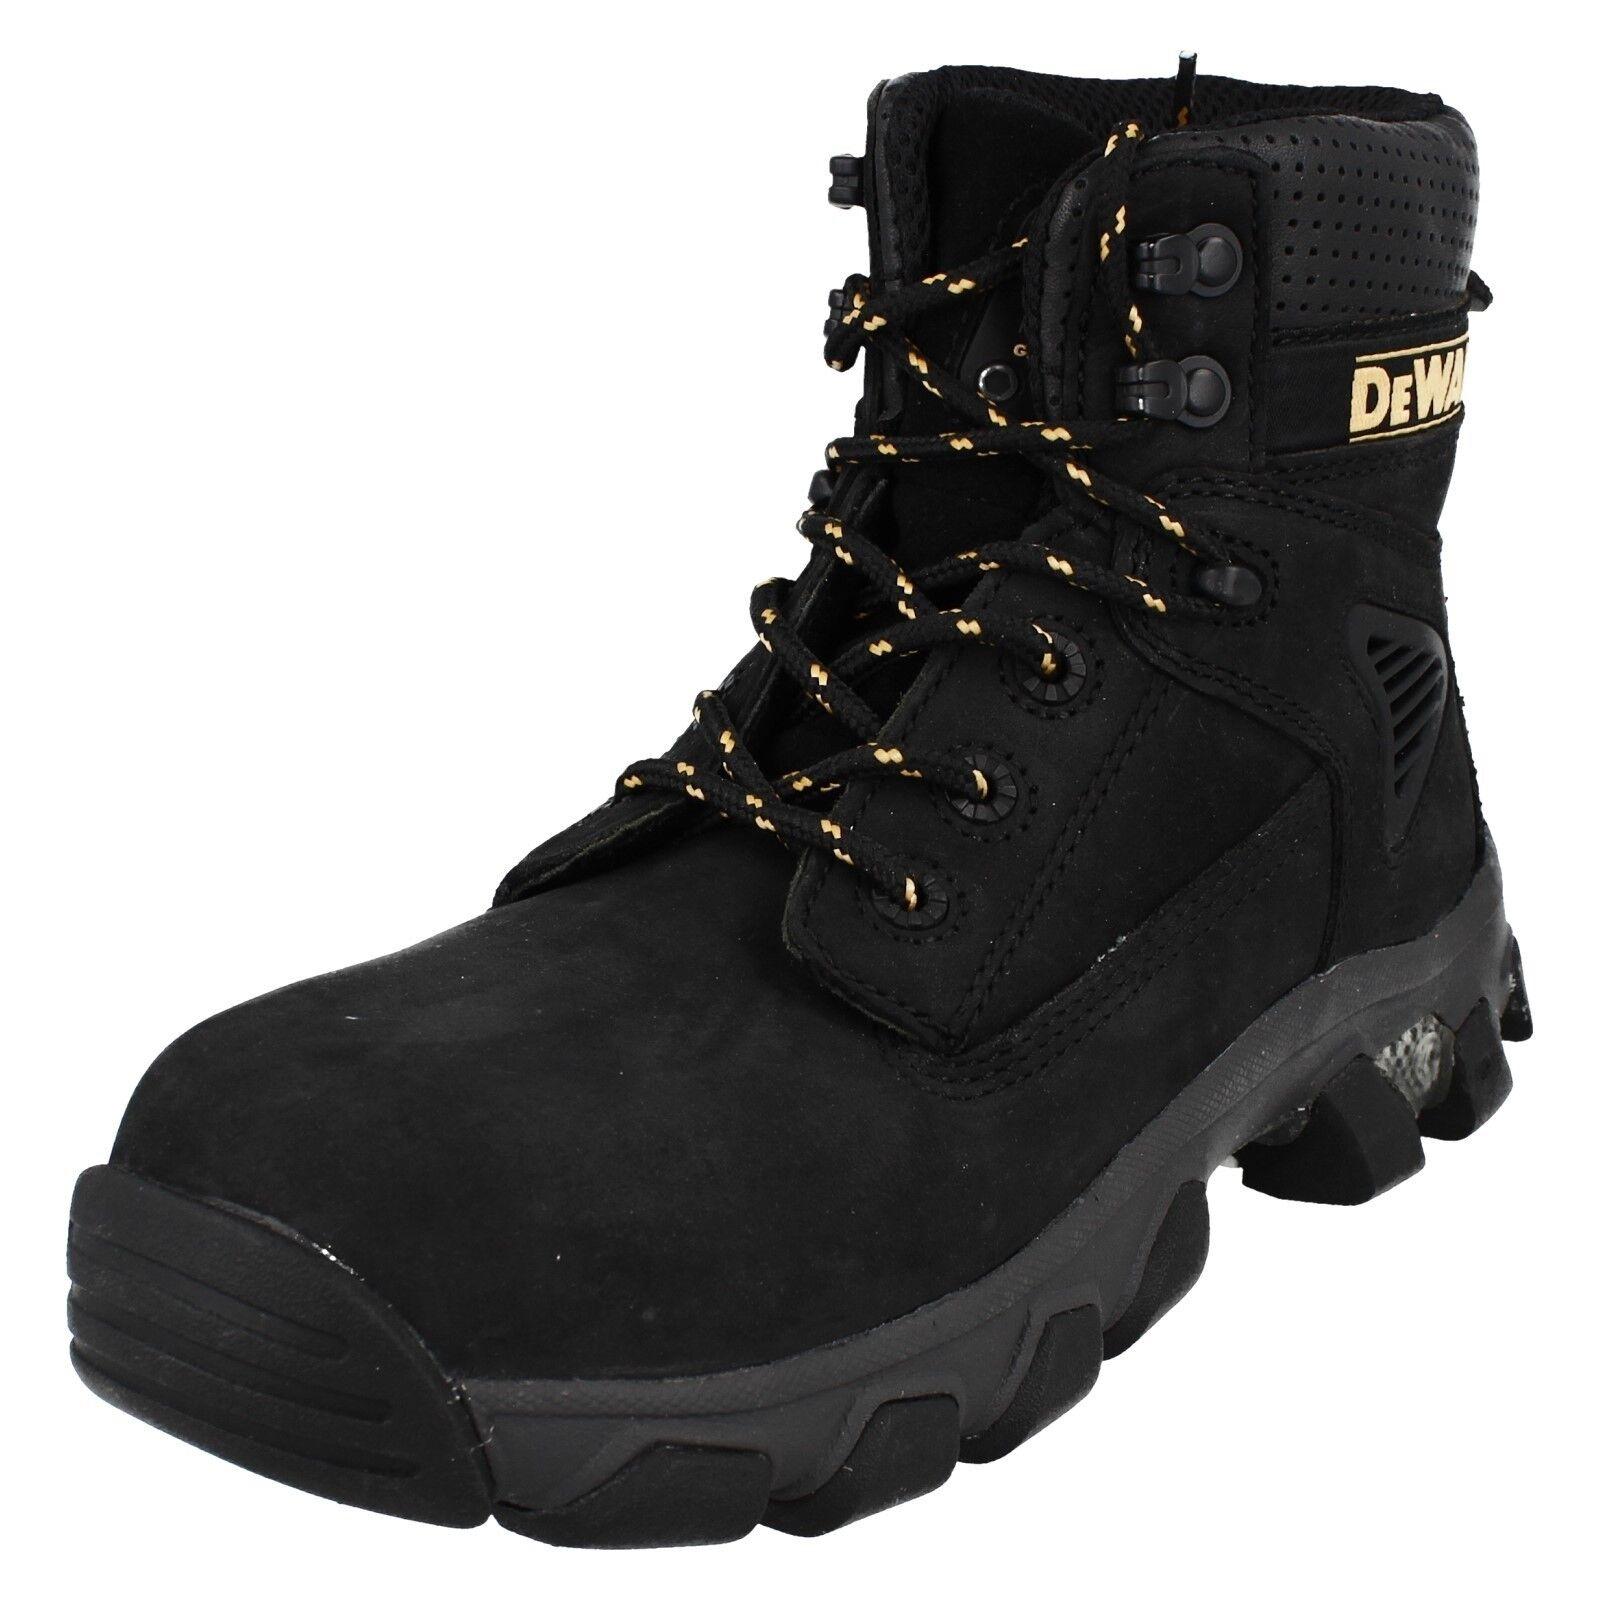 DEWALT Para Hombre Gorra De Puntera De Acero botas con cordones punta rojoonda seguridad reforzar DWF-50062-111